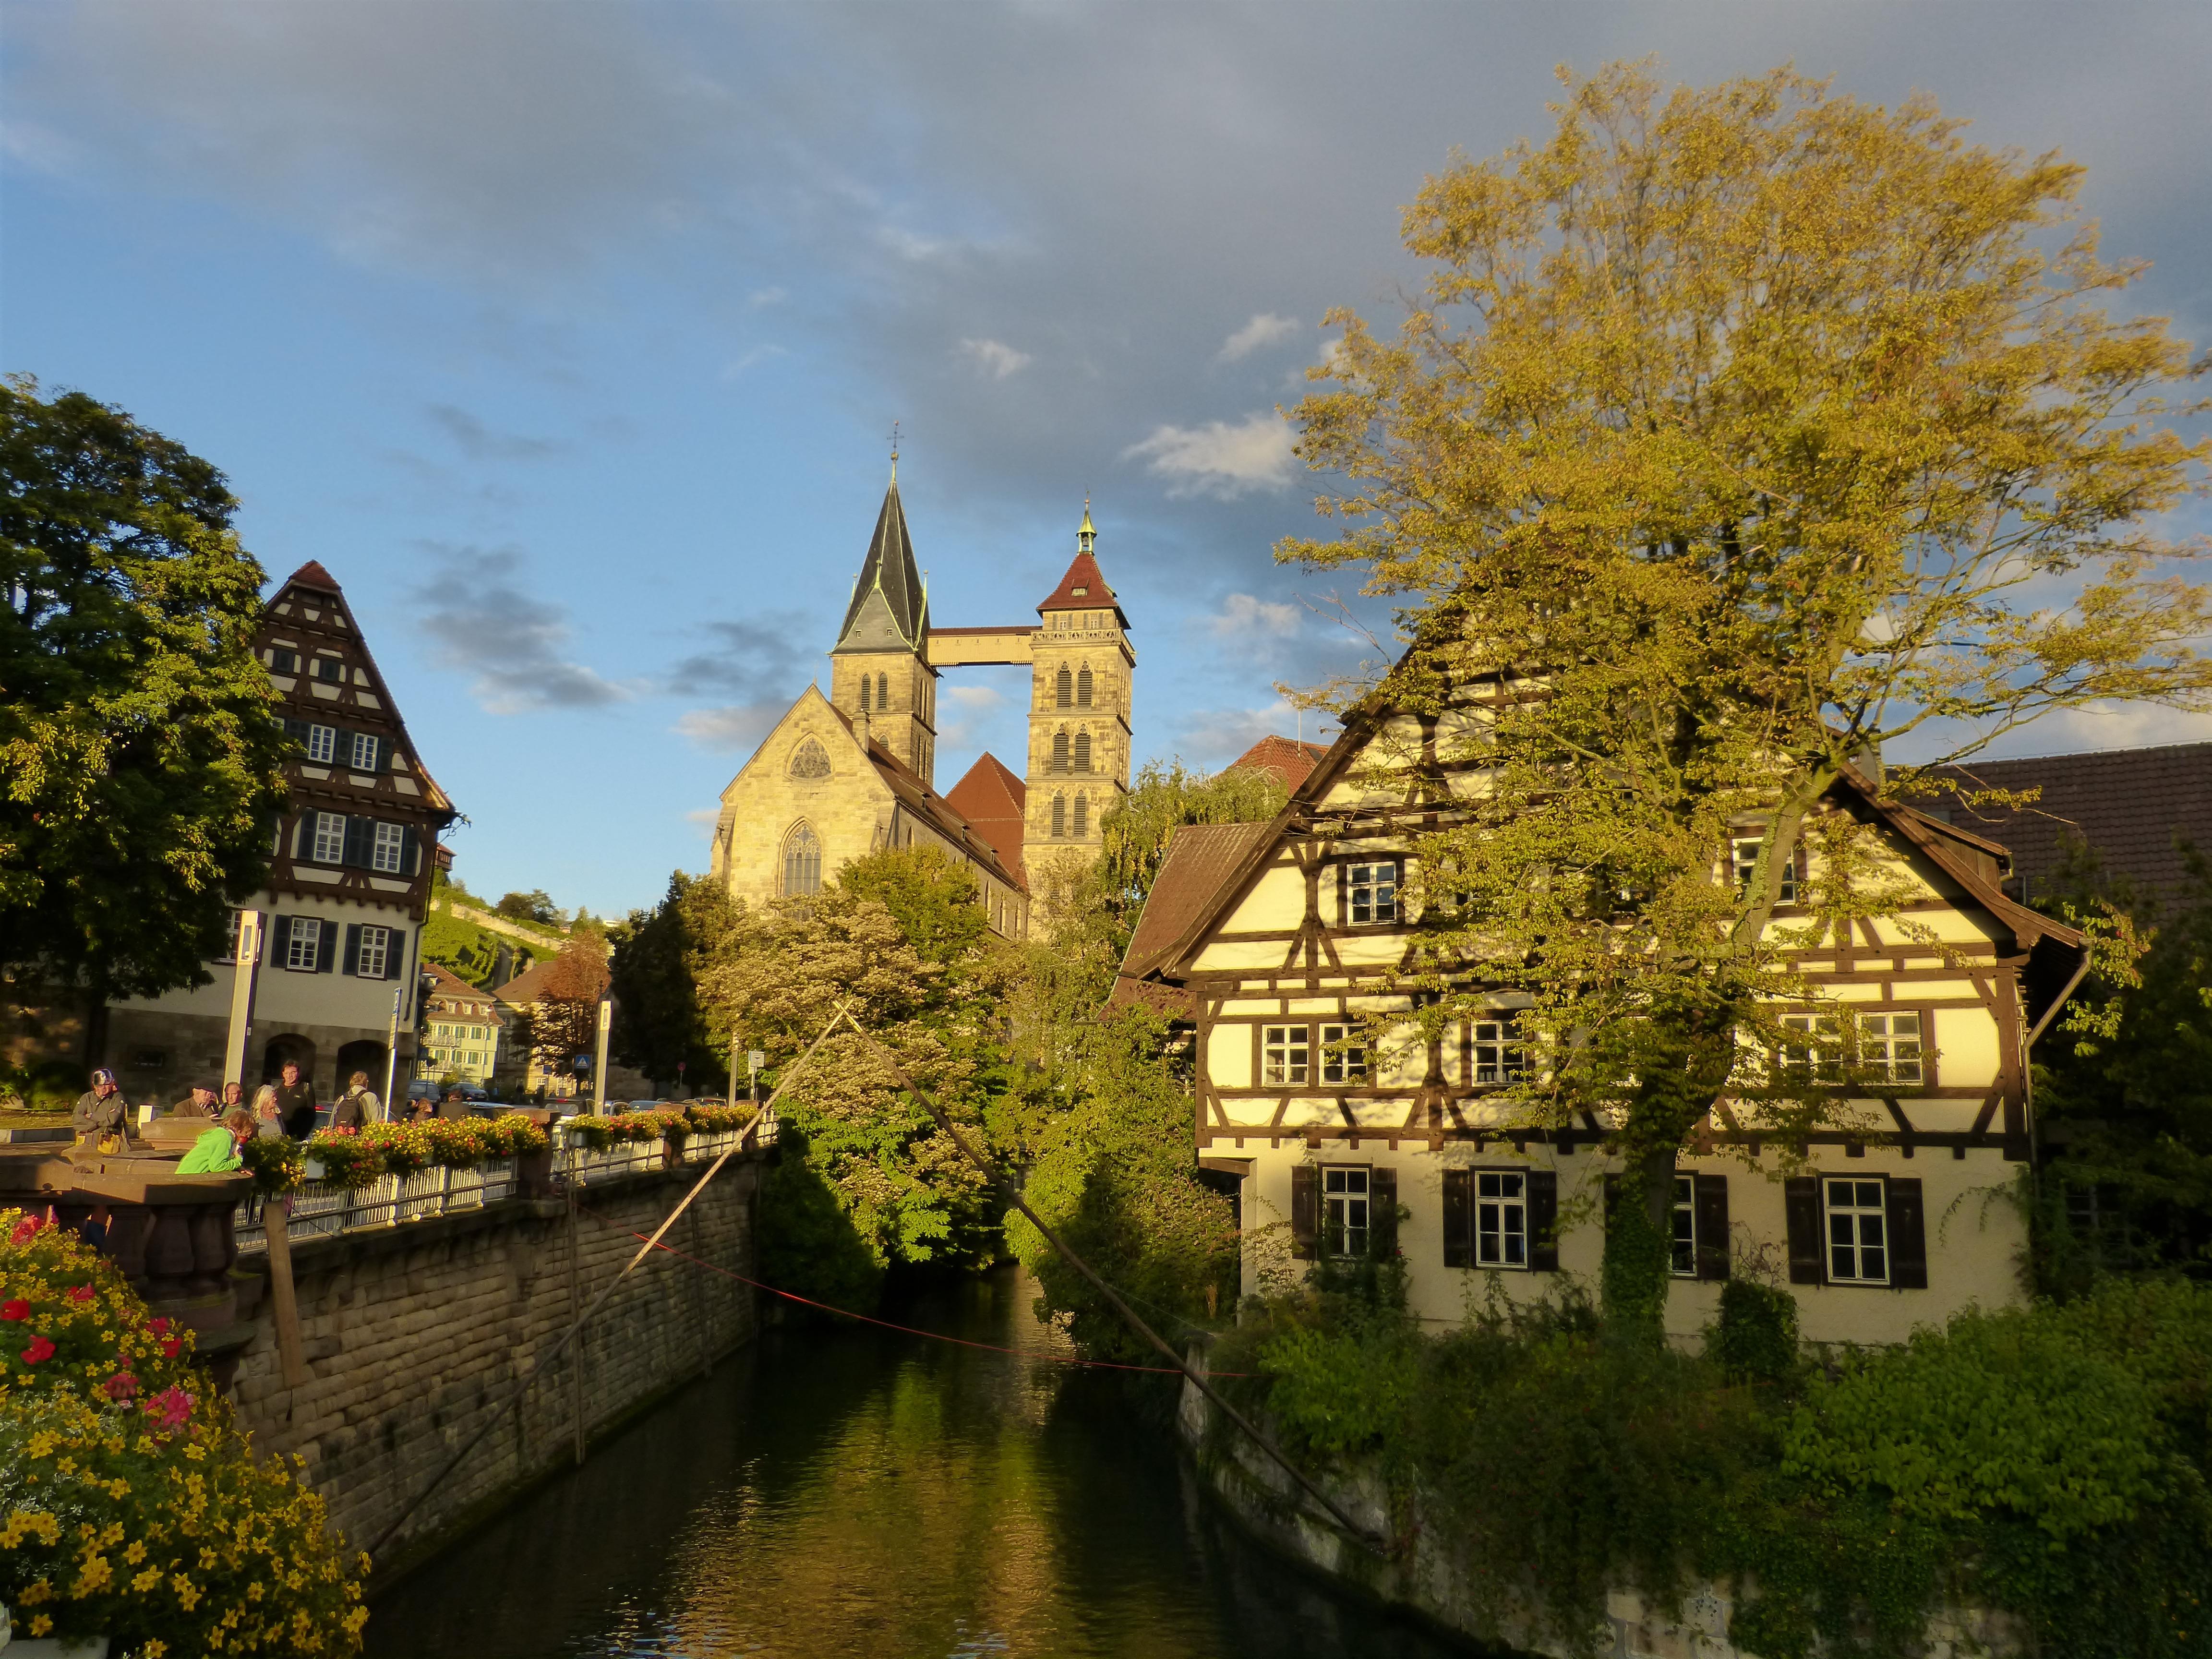 Kostenlose Foto Baum Haus Blume Gebäude Chateau Fluss Kanal